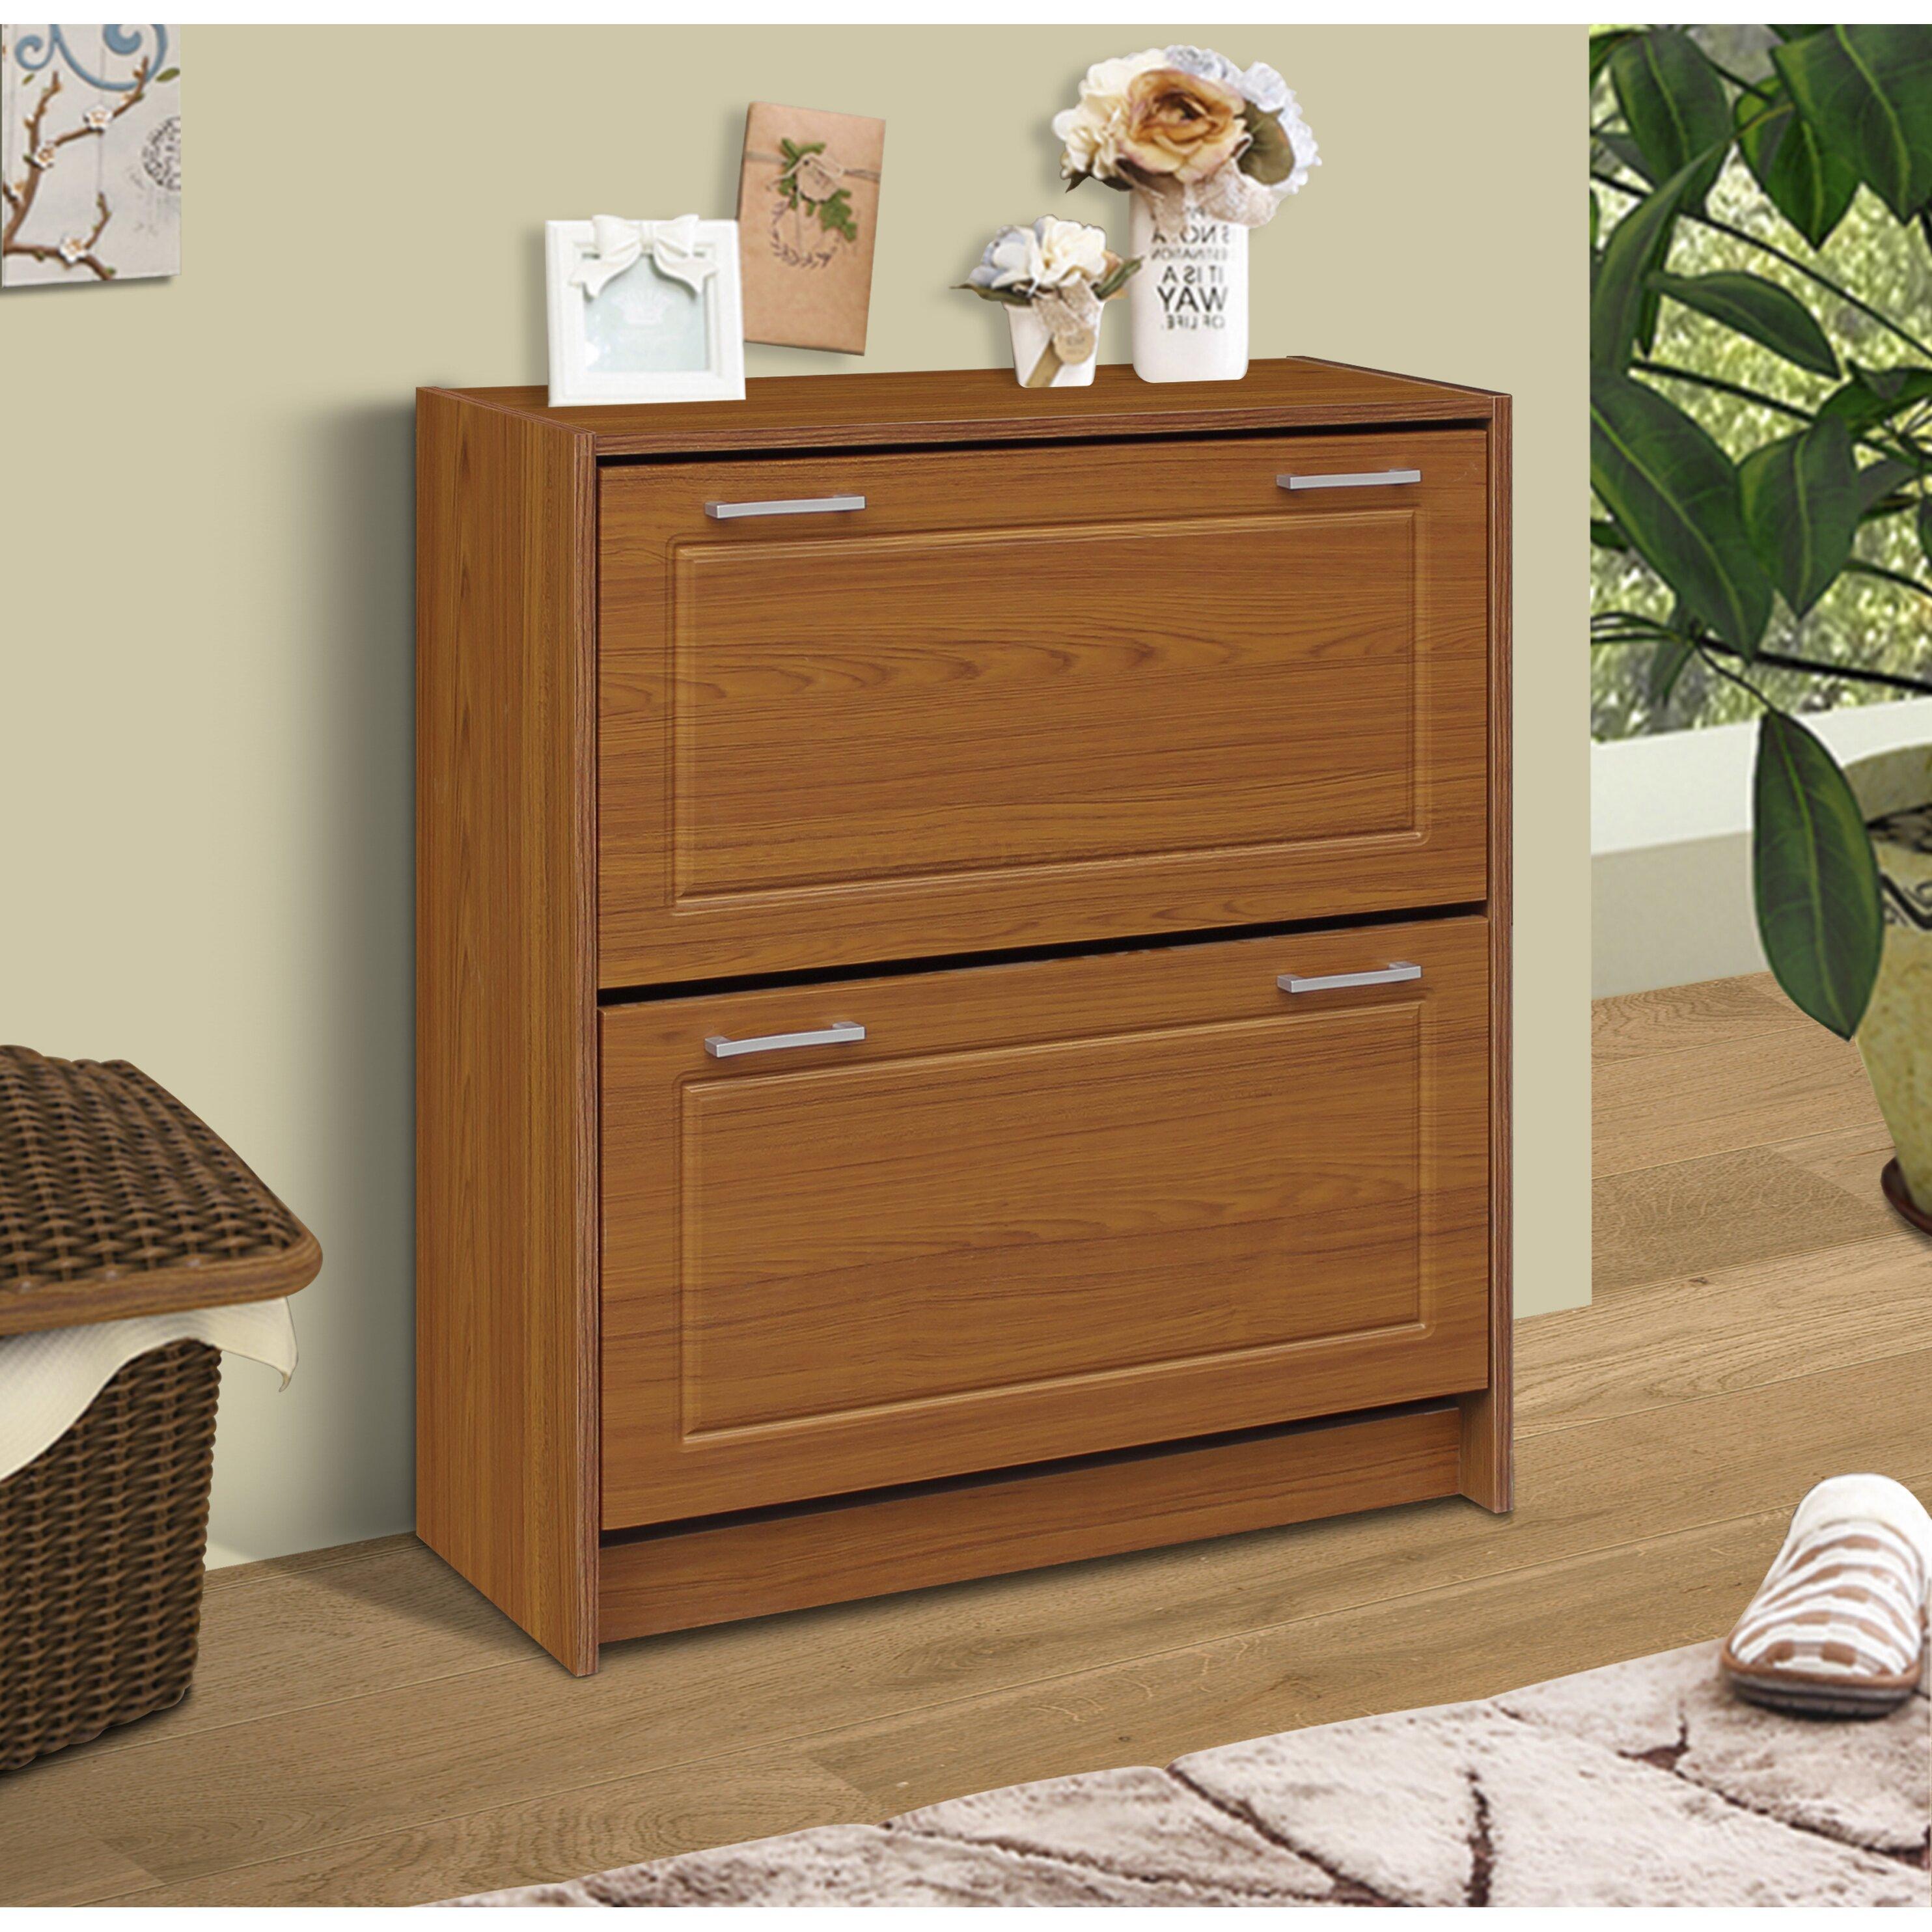 4d concepts double 24 pair shoe storage cabinet reviews wayfair - Shoe cabinet for small spaces concept ...